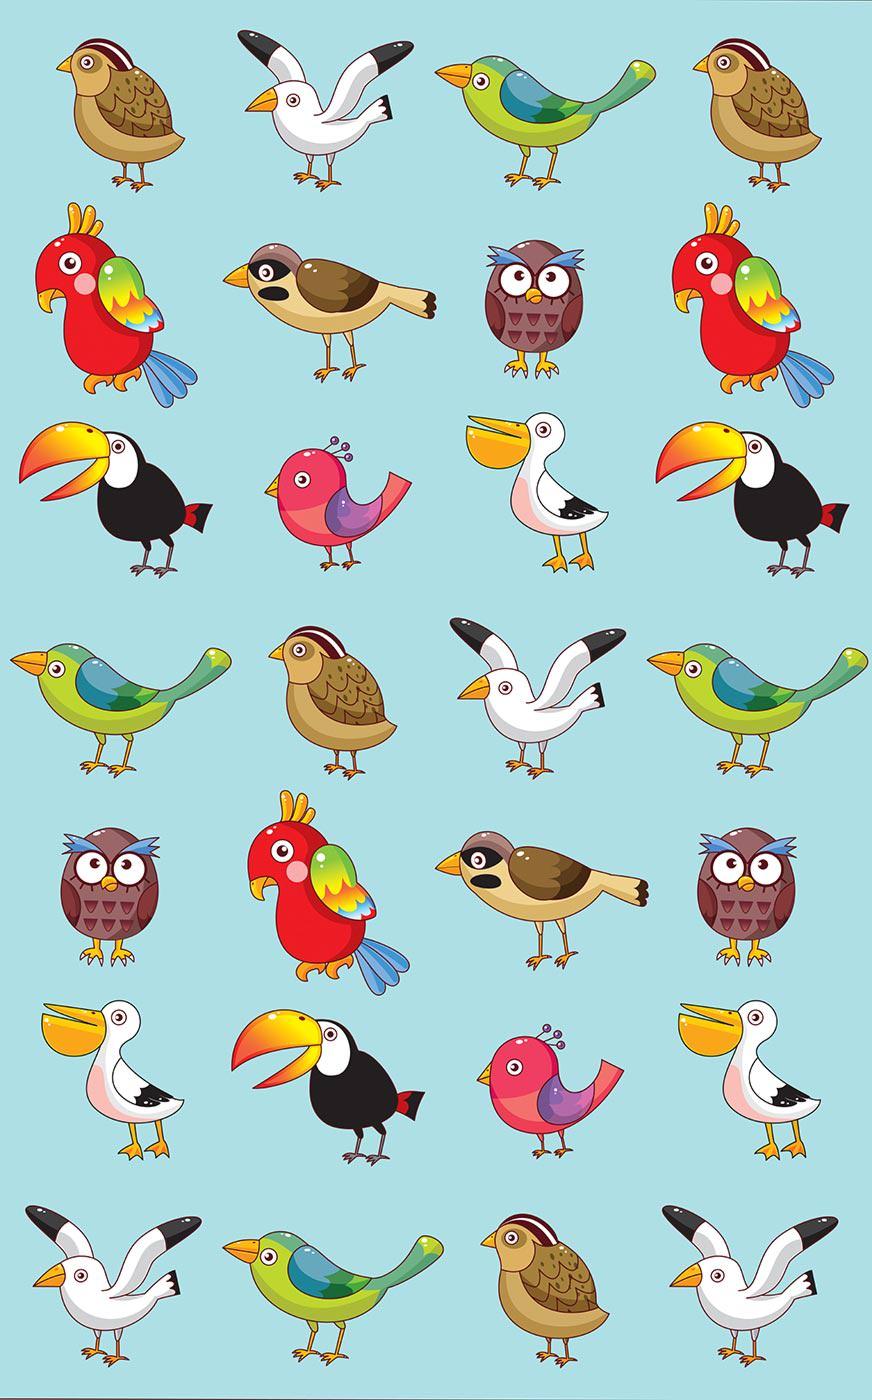 цветные картинки с птичками отделанное натуральным